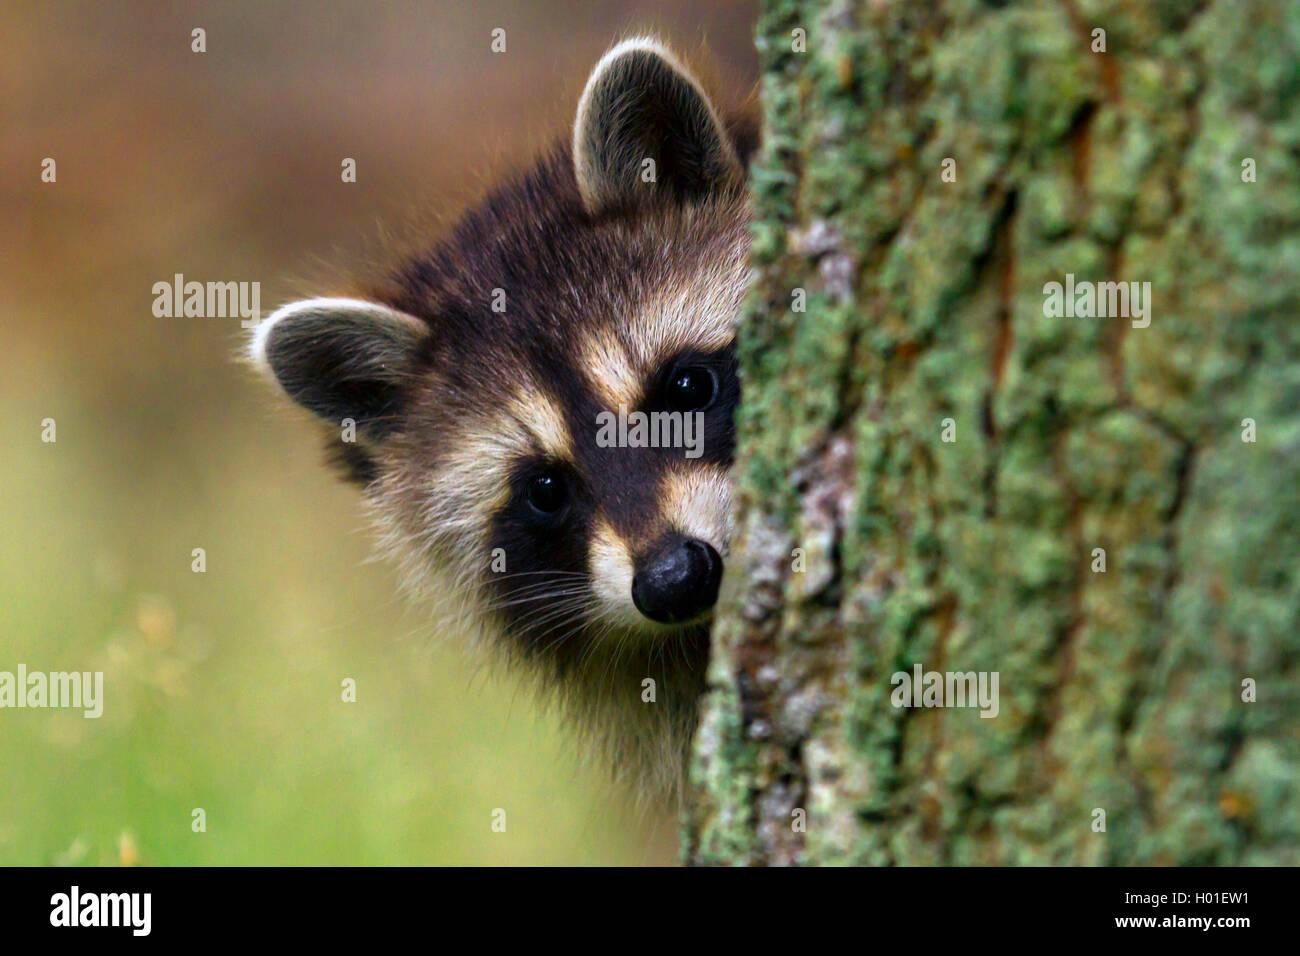 Hervorschauen Stockfotos & Hervorschauen Bilder - Alamy